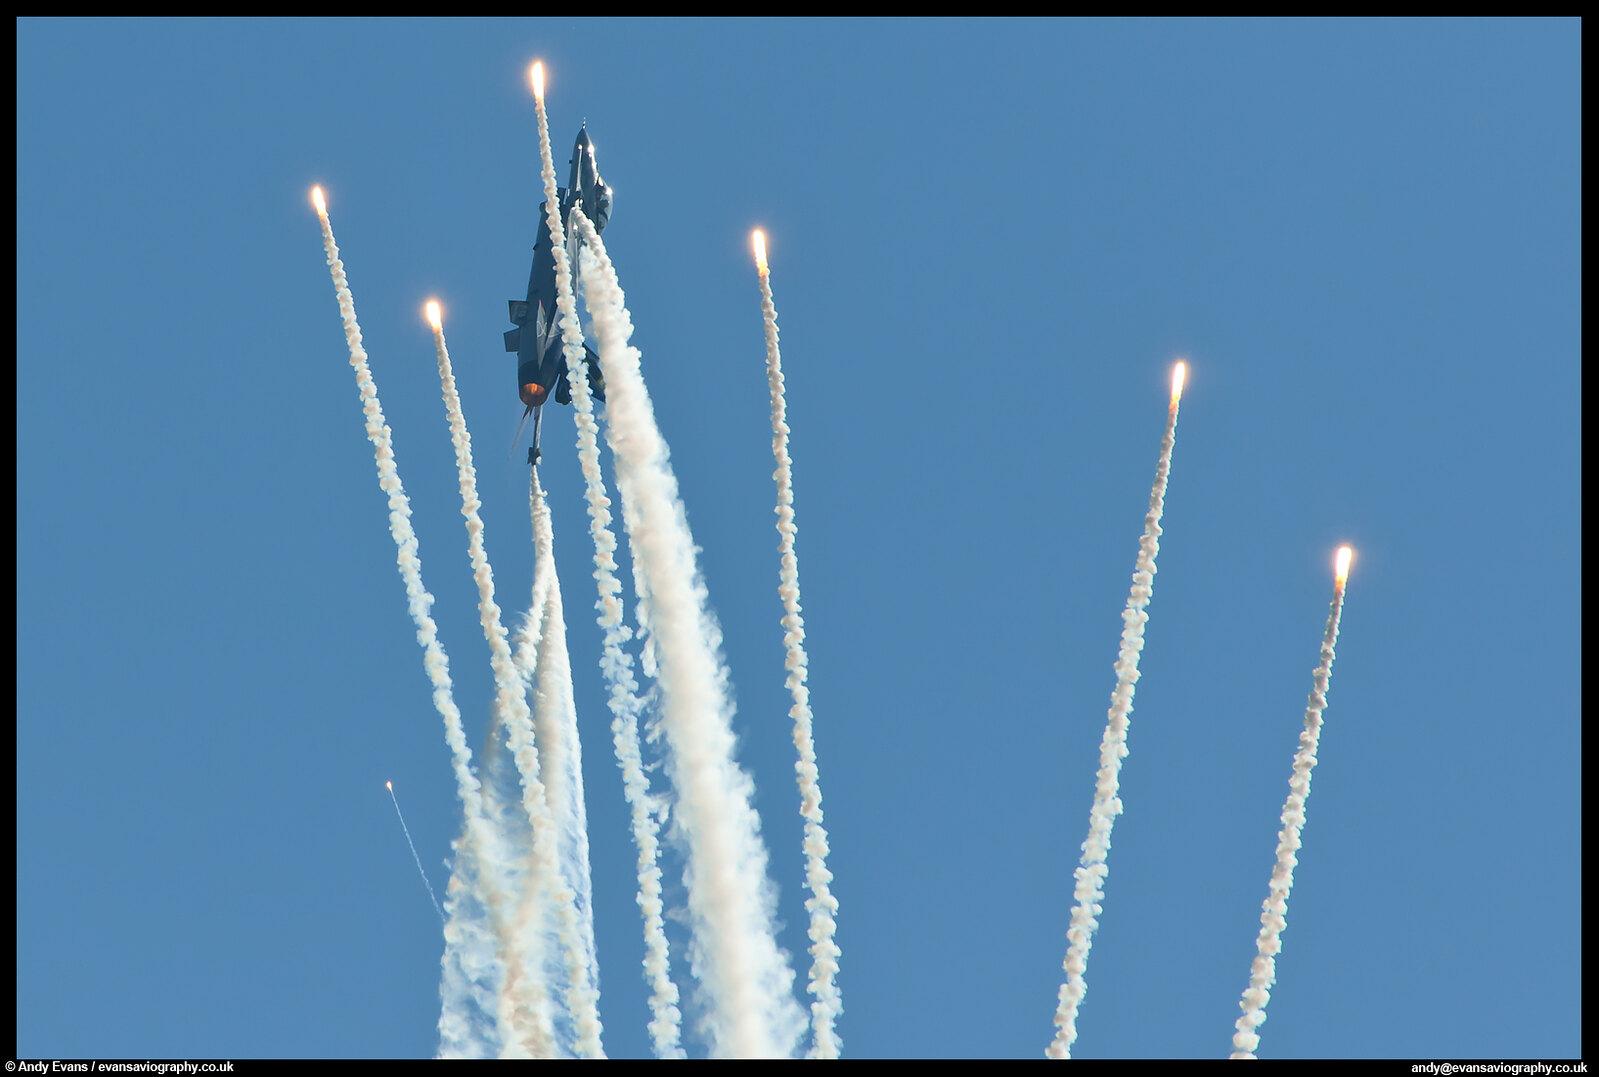 Duxford Jubilee Airshow 2012